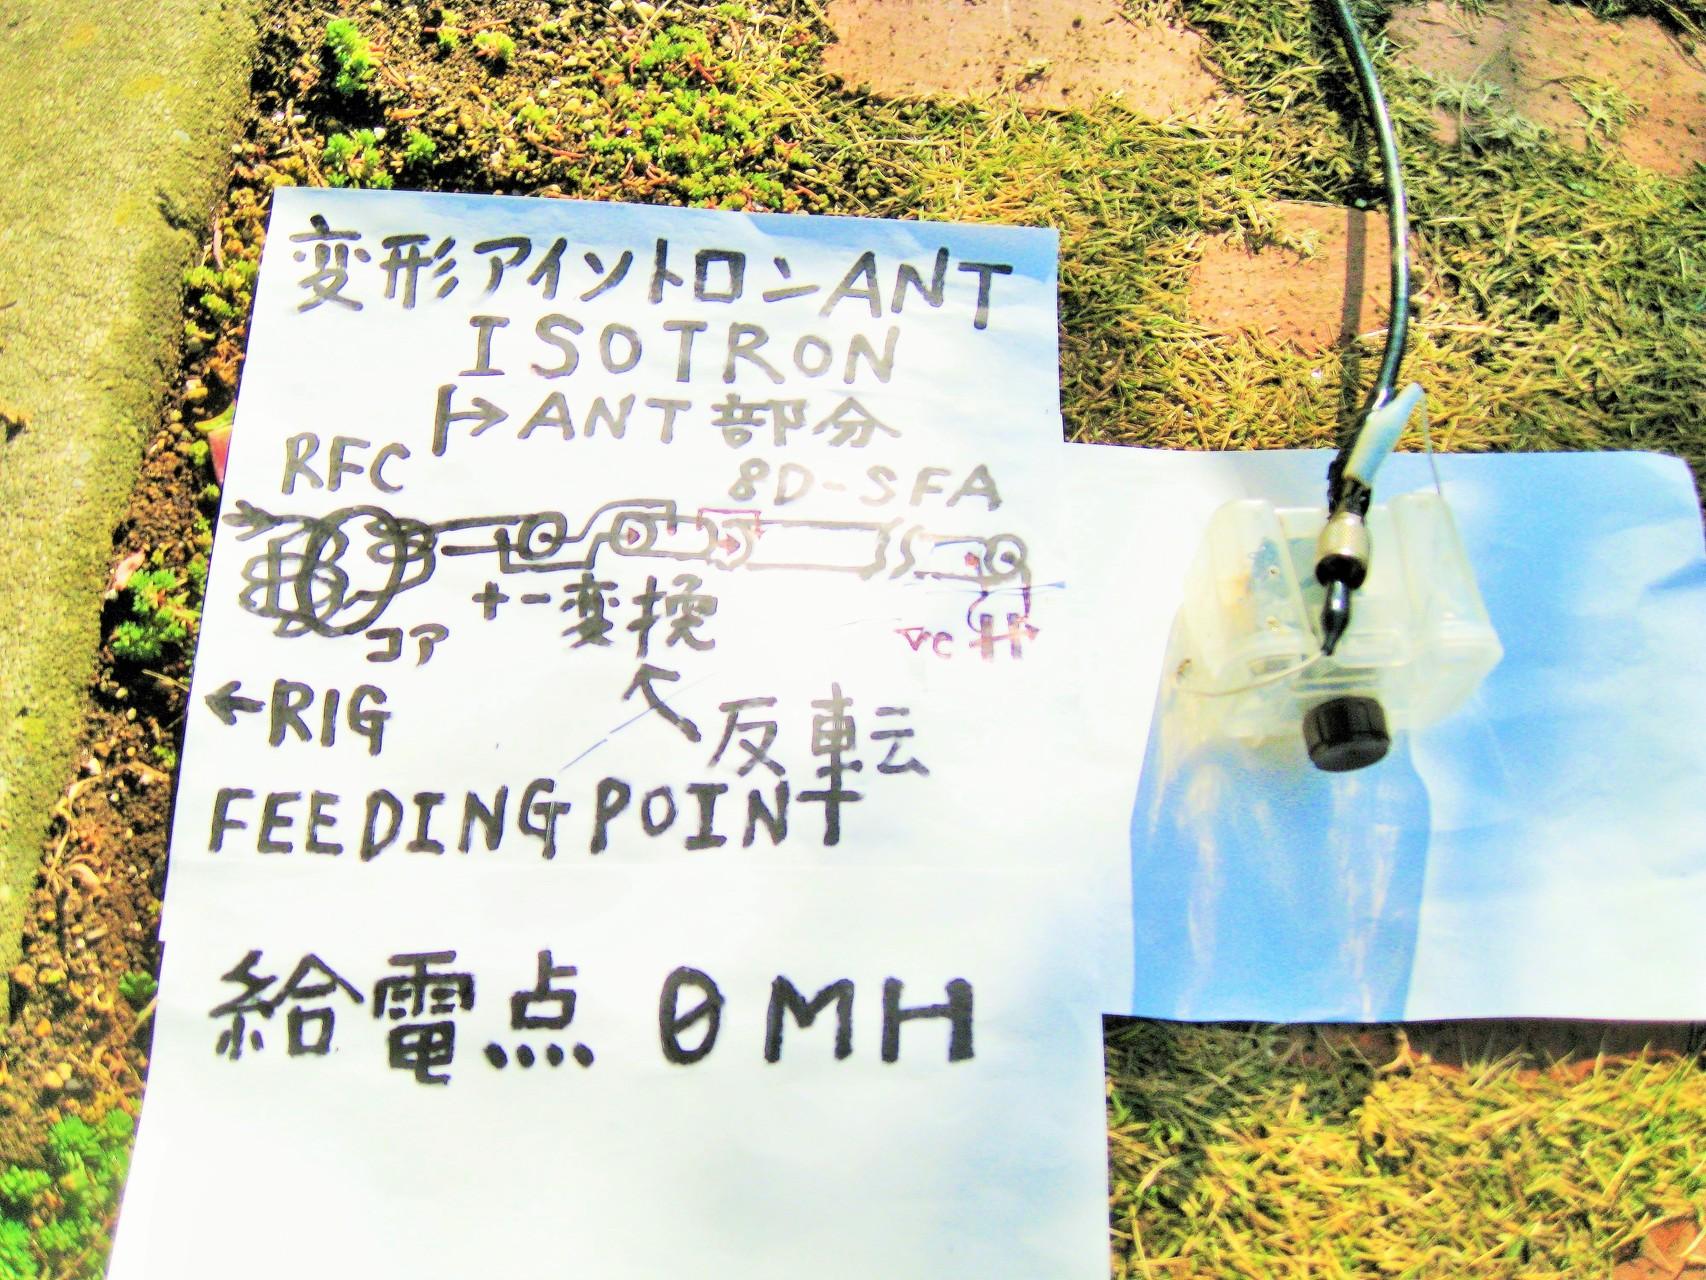 同軸極性±反転短尺コネクター+15m長同軸ケーブル芯線編線間にVC接続地上高ゼロメートルisotron(アイソトロン) ANT